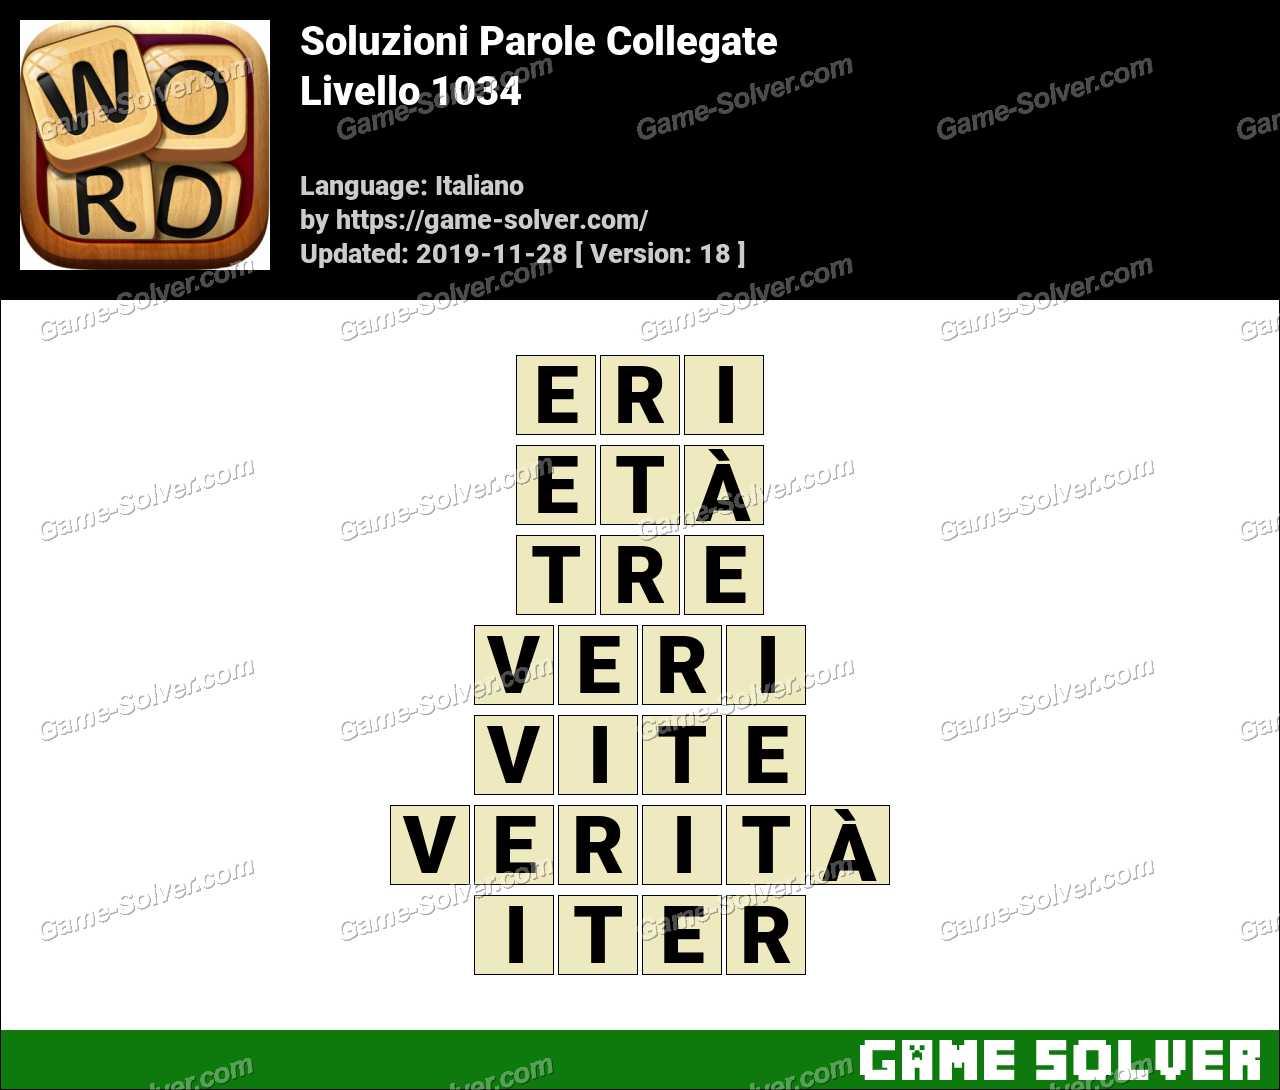 Soluzioni Parole Collegate Livello 1034